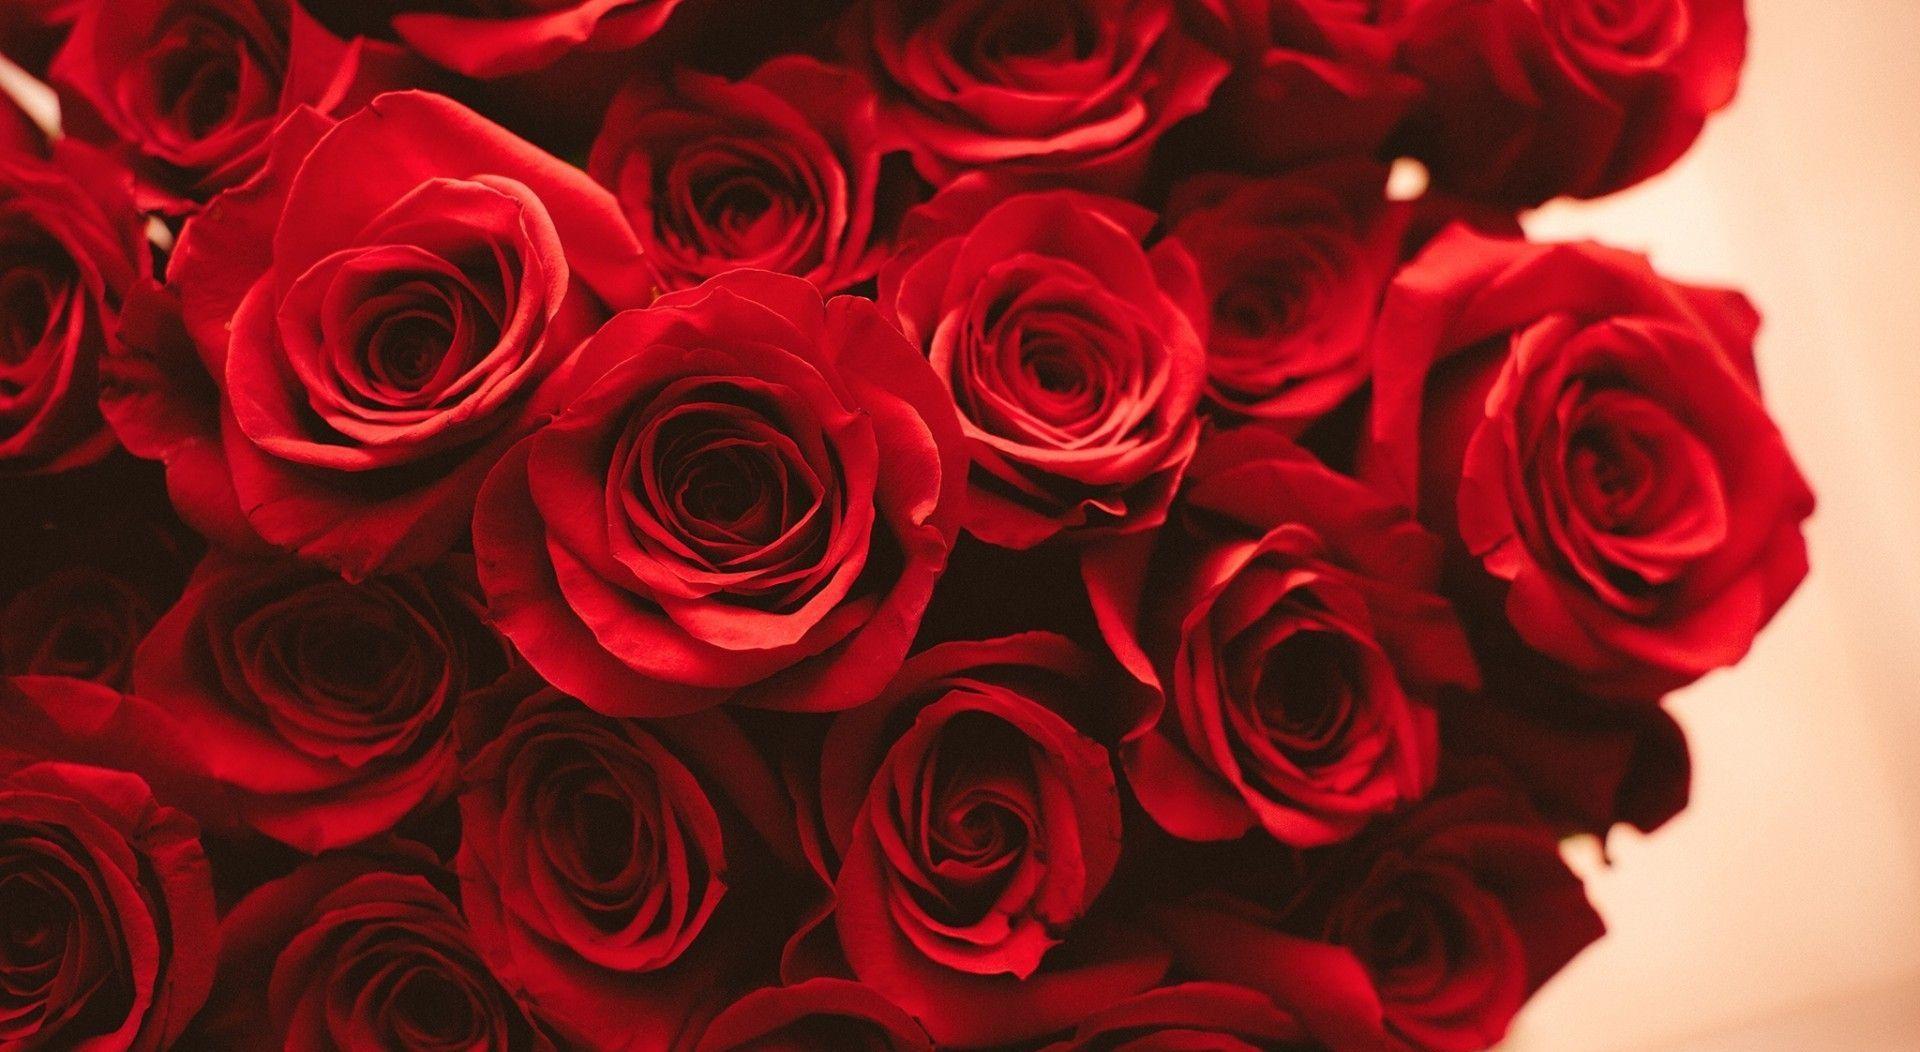 Red Rose Desktop Wallpapers - Wallpaper Cave